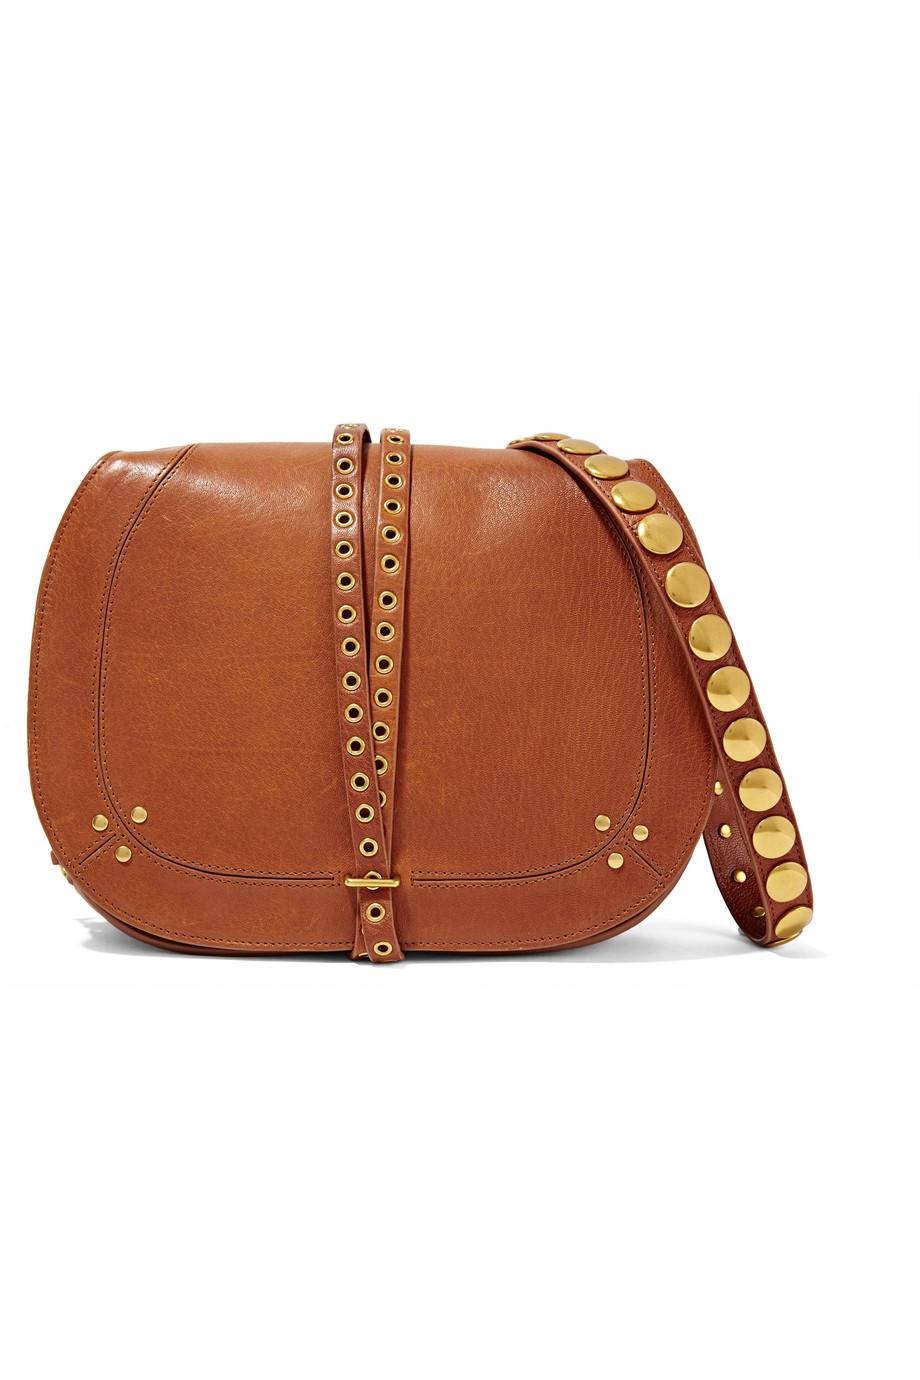 Jérôme Dreyfuss Nestor Embellished Leather Shoulder Bag, Camel, Women's